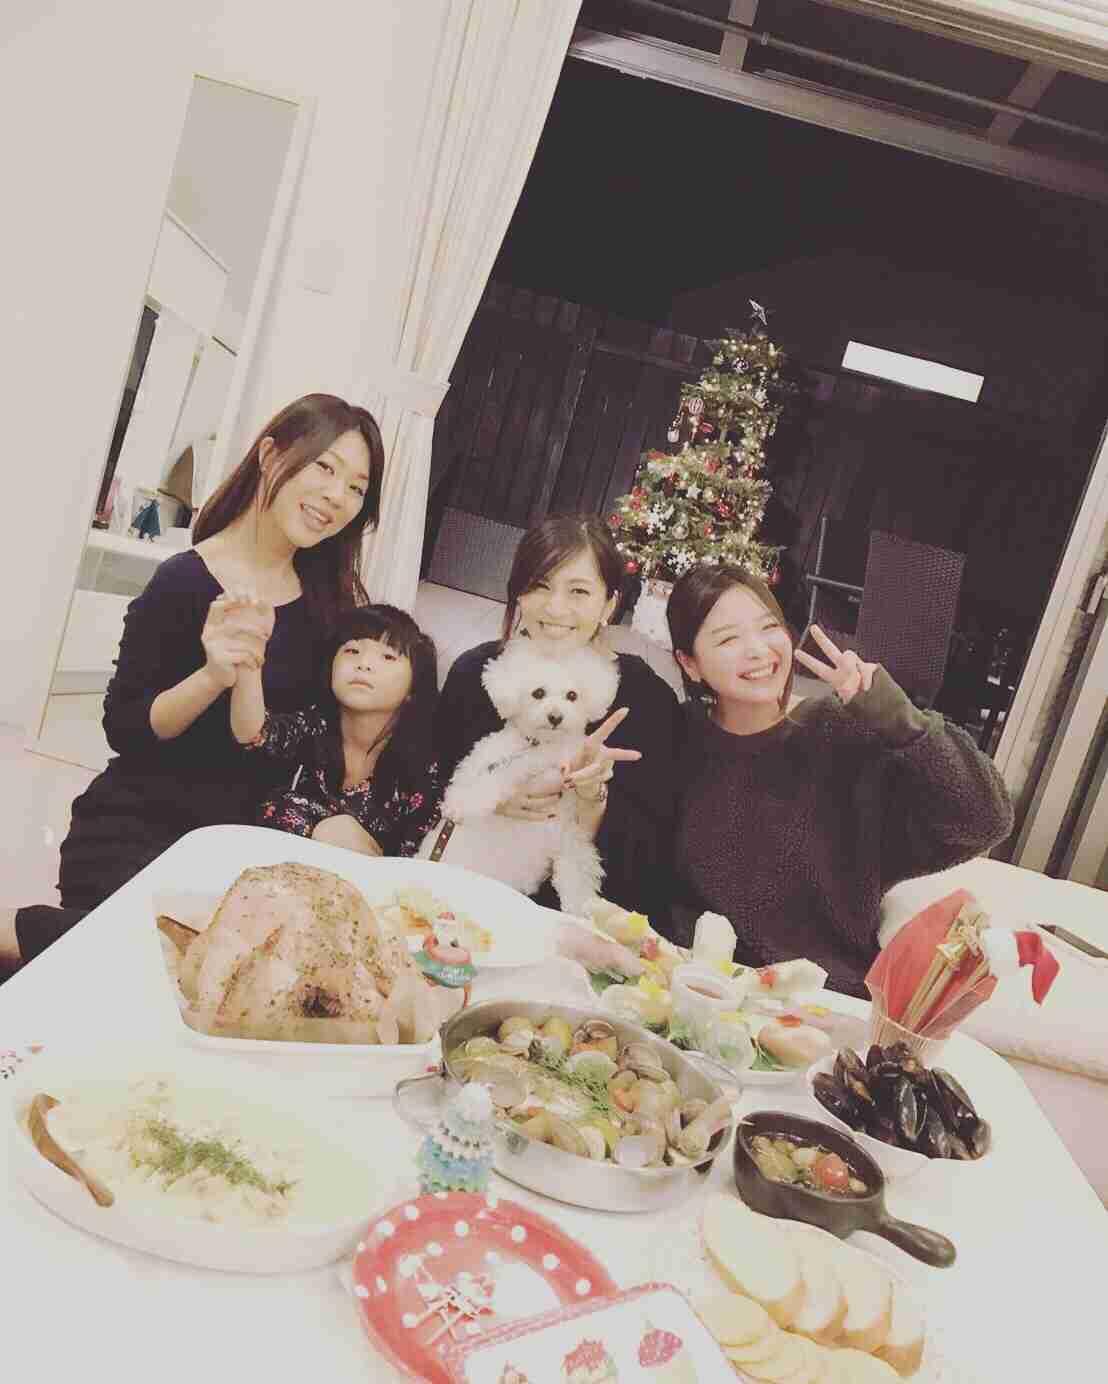 メリークリスマス!|安田美沙子オフィシャルブログ「MICHAEL(ミチャエル)」Powered by Ameba